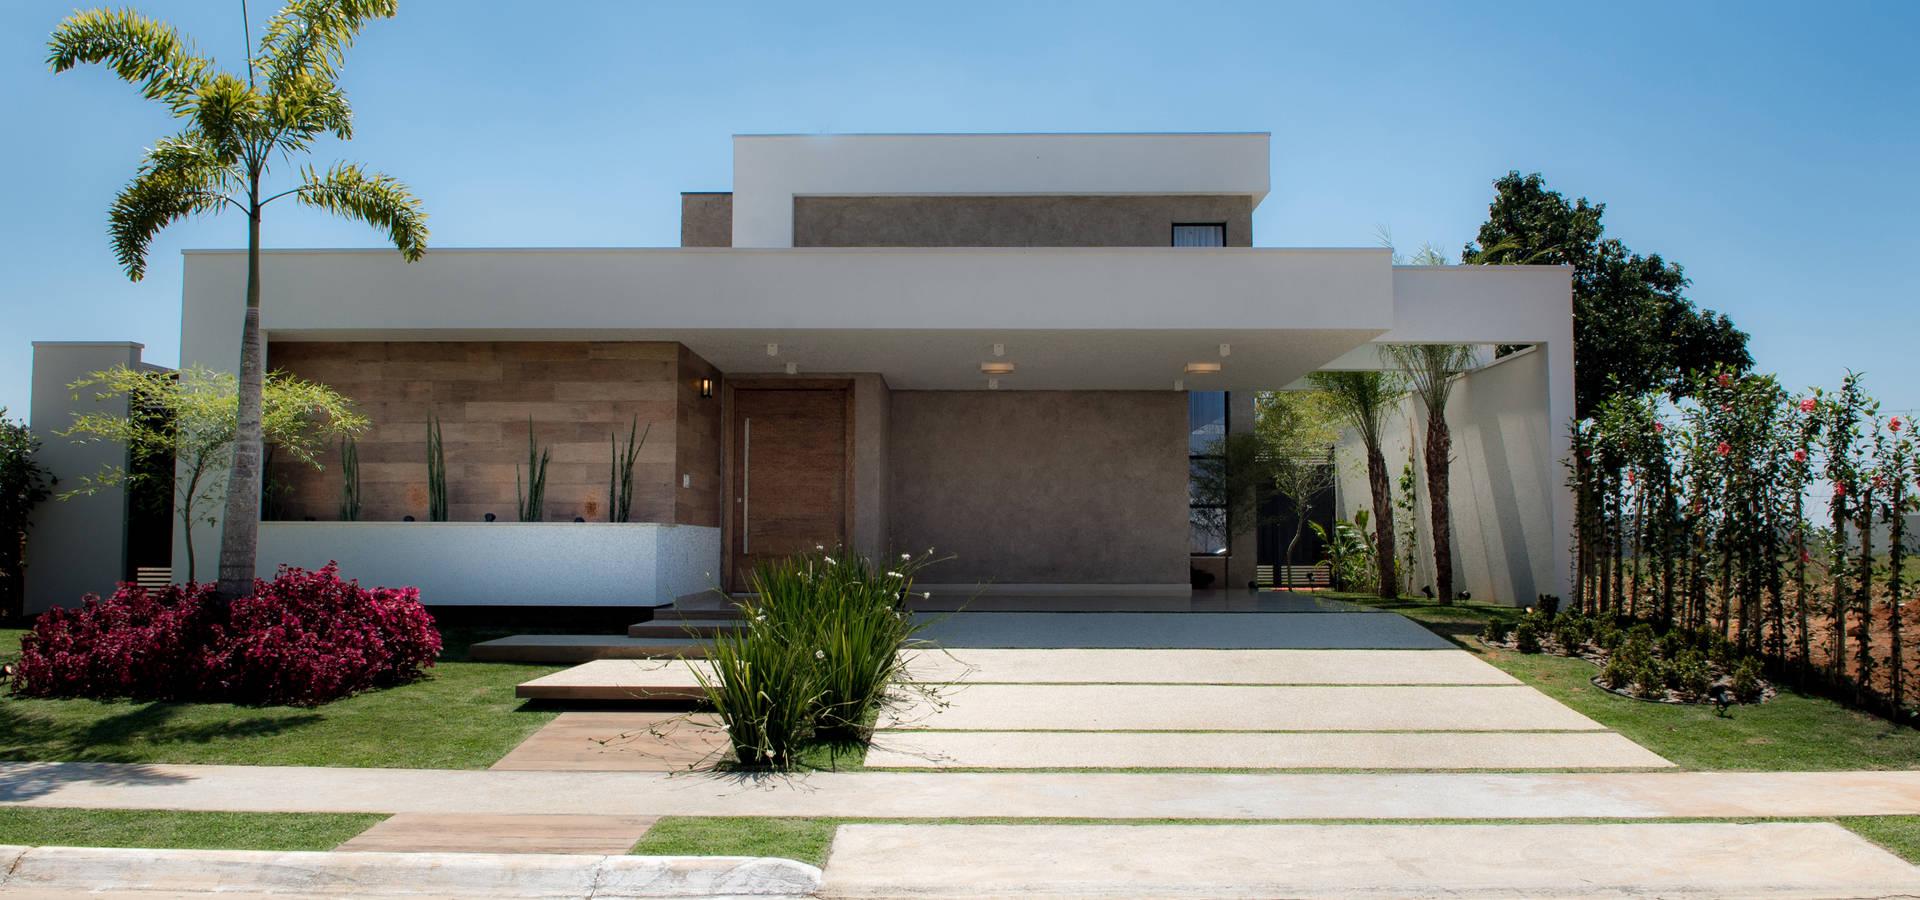 Casa t rrea contempor nea di camila castilho for Piccoli progetti di casa contemporanea